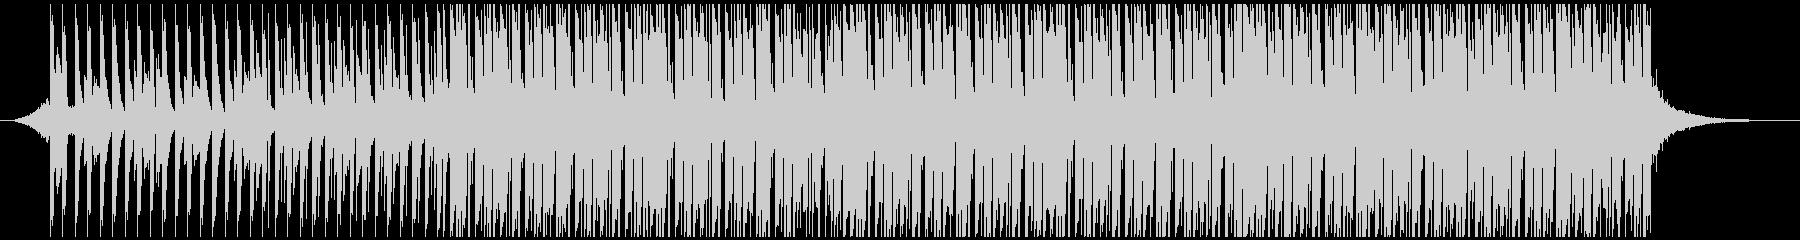 ポジティブポップ(中)の未再生の波形